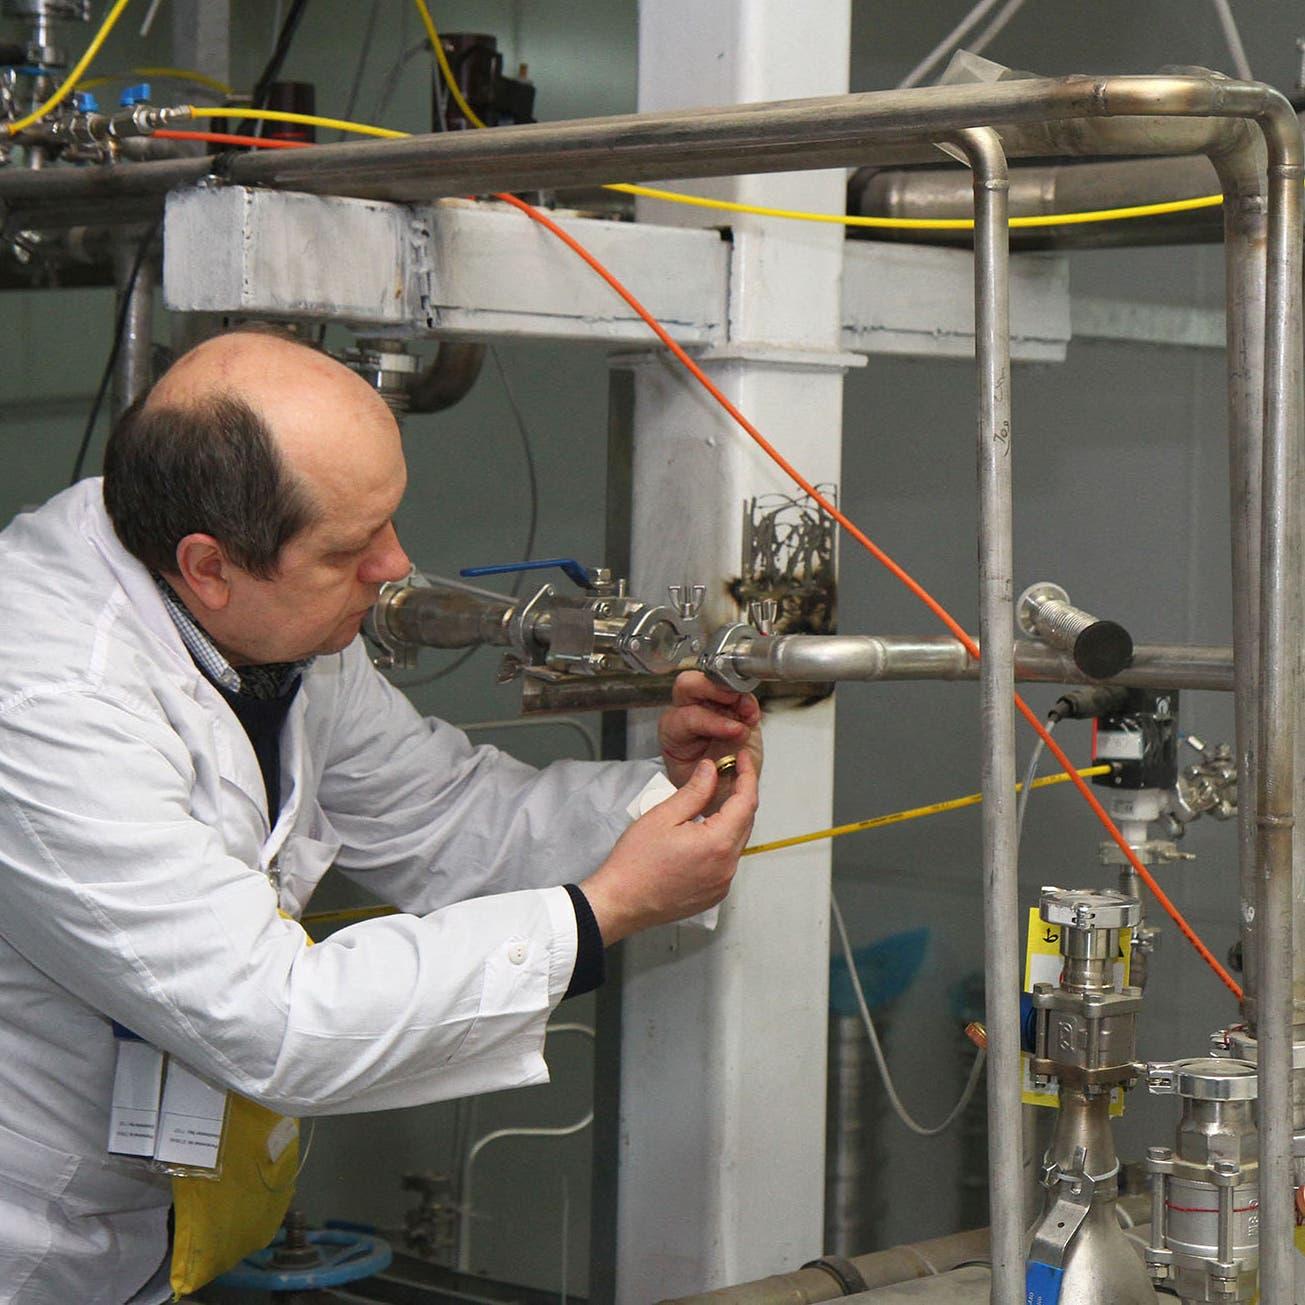 إيران ترد على جهود إحياء الاتفاق النووي بتعزيز العمل في منشأتي آراك ونطنز